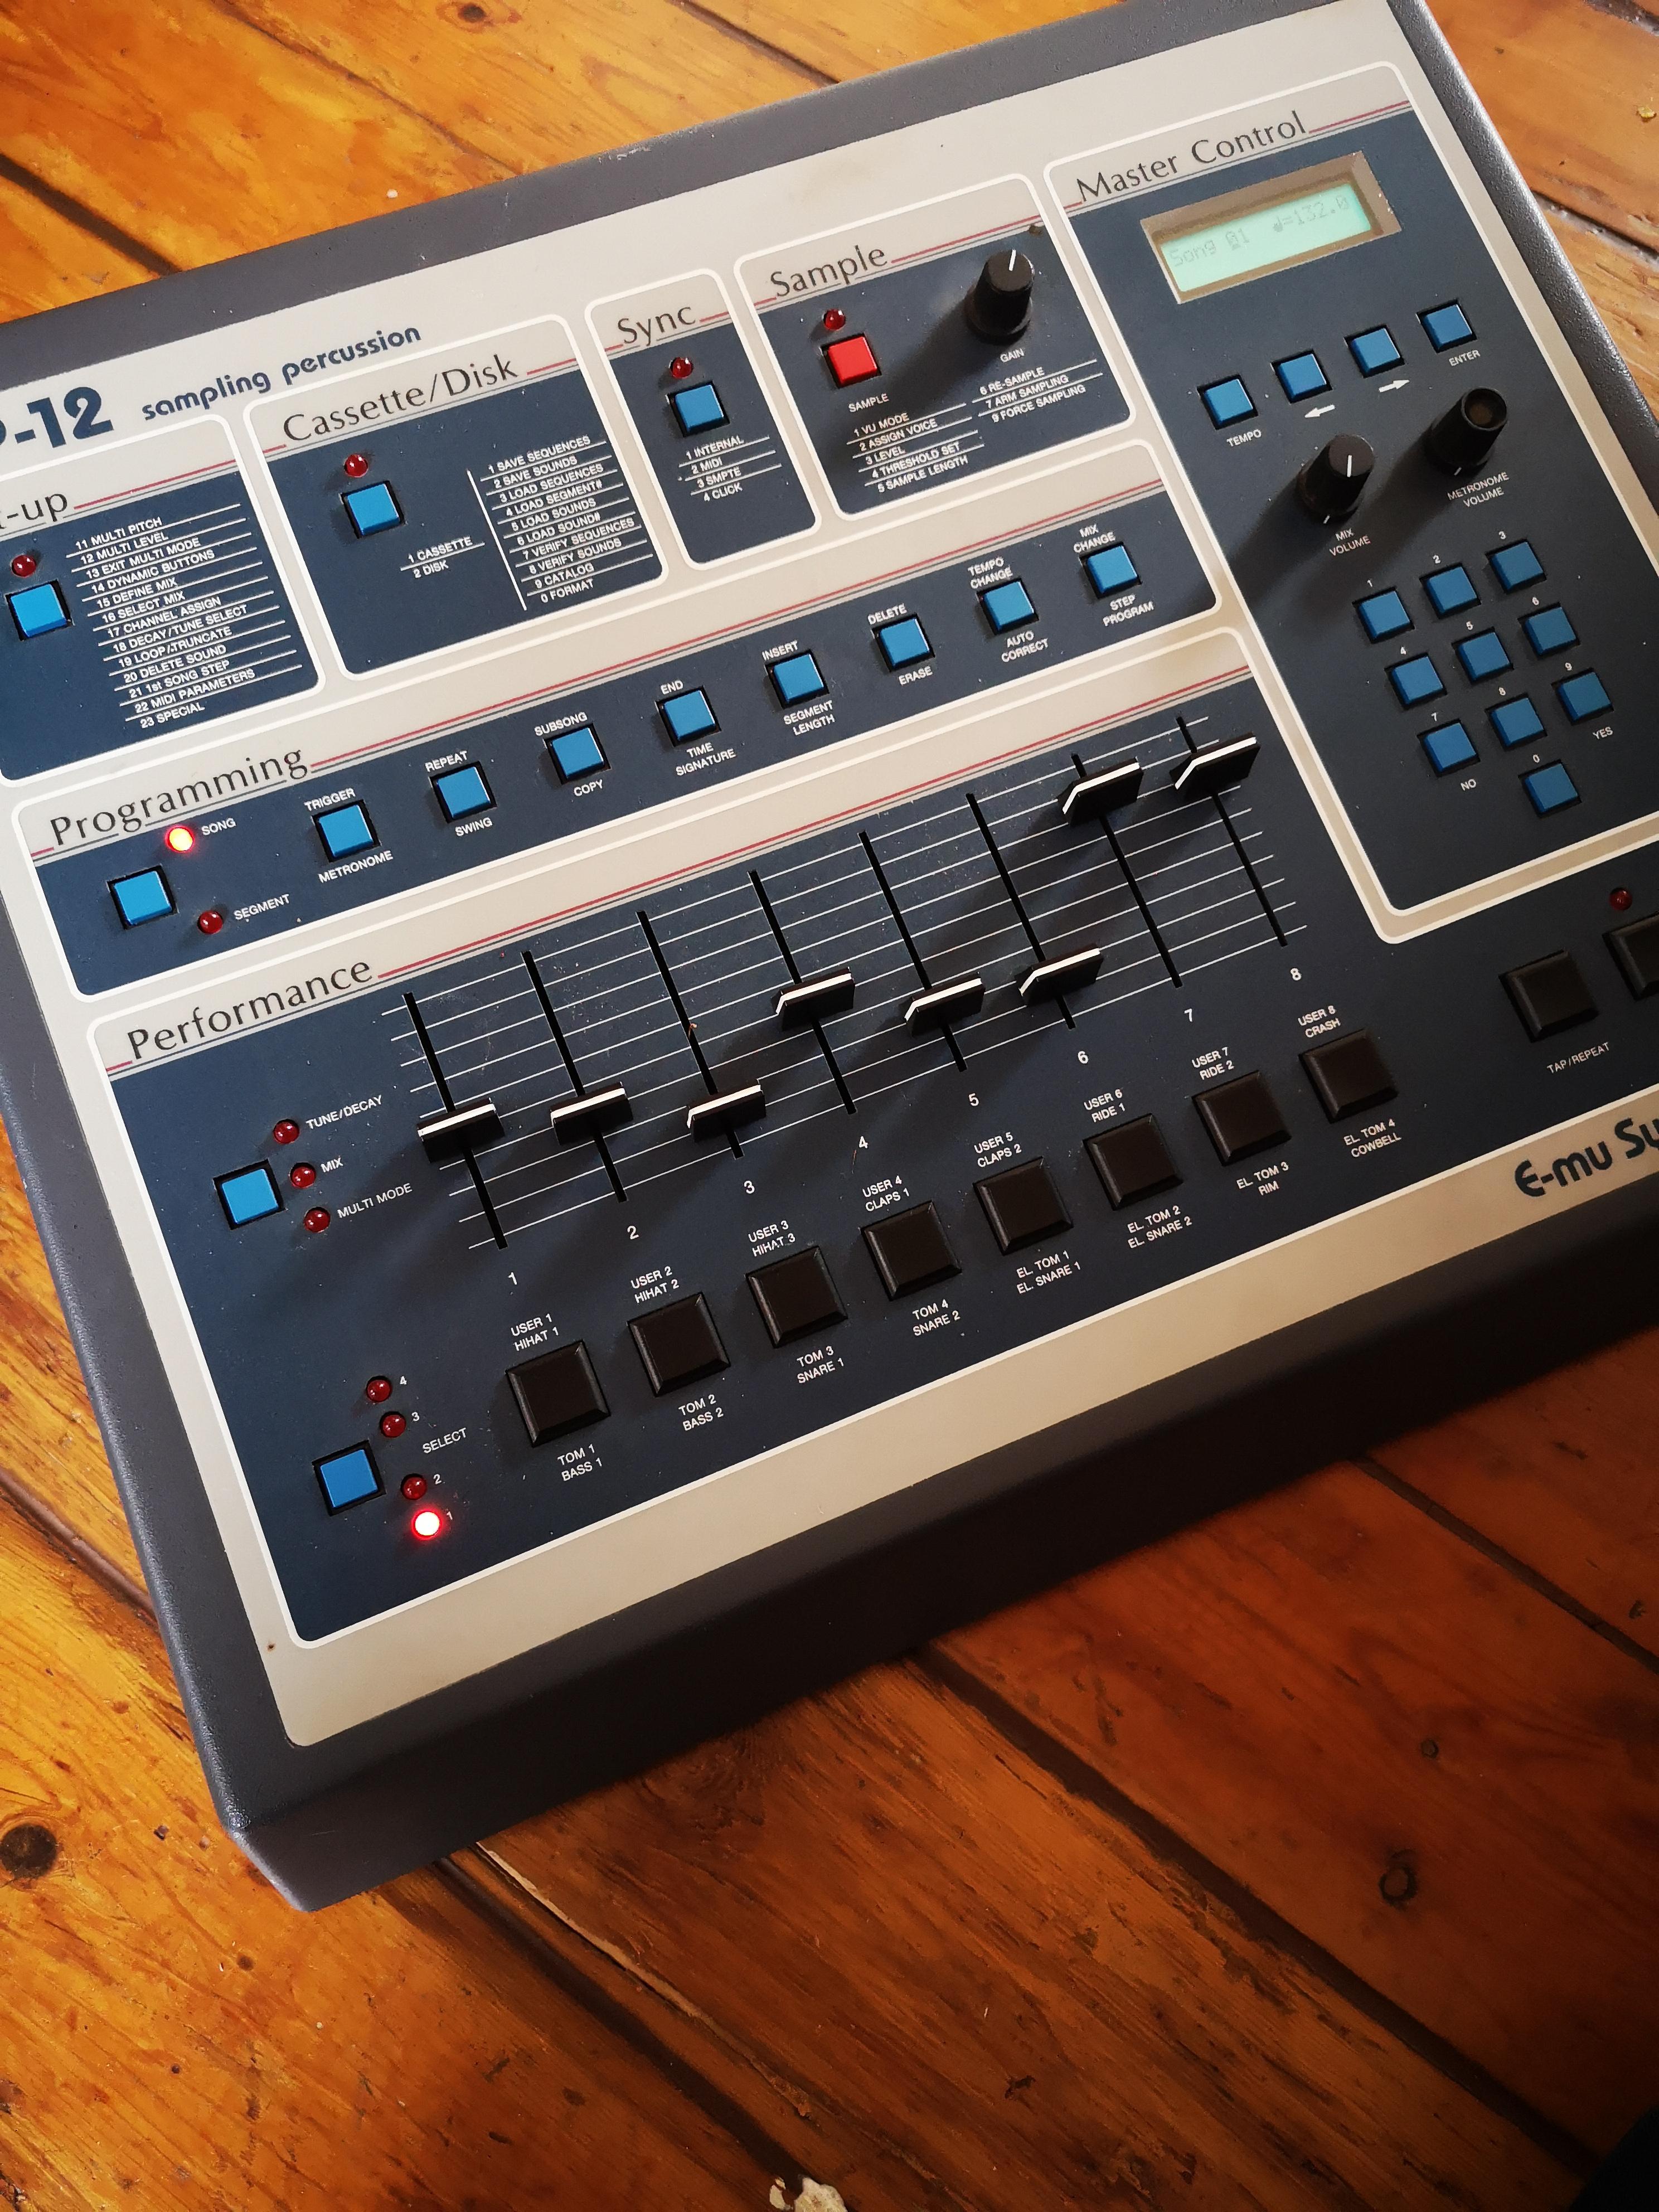 Set Of 15 Drucktasten Tact Switches für E-mu SP-12 Sampler Drum Sp12 Emu